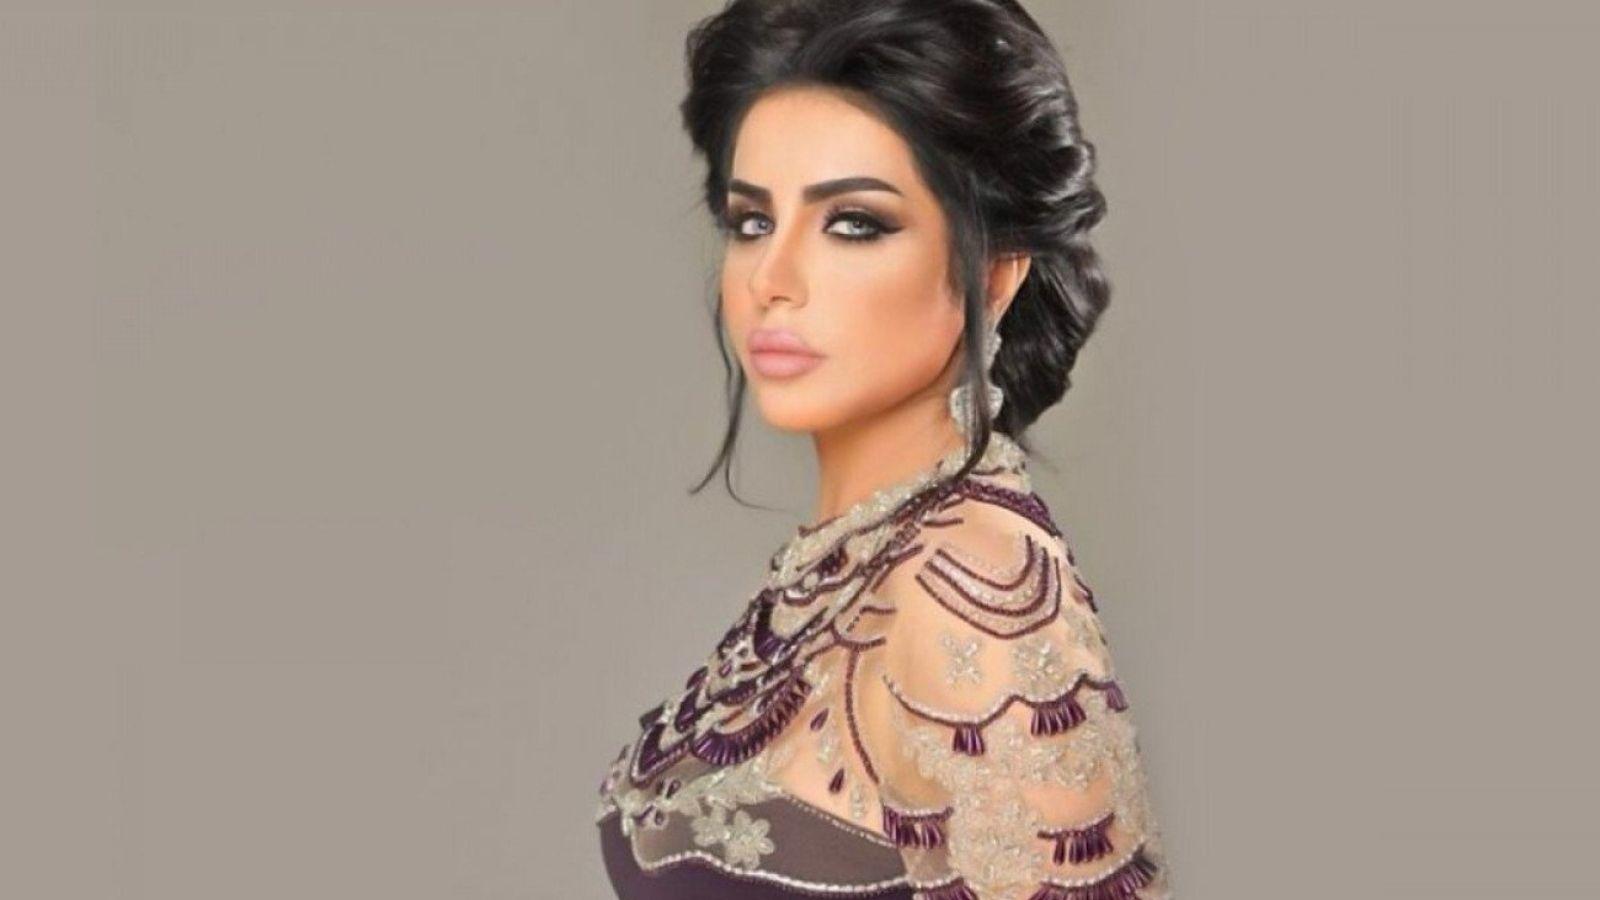 السخرية تلاحق حليمة بولند بعد زيارتها لحفر الباطن في السعودية بالفيديو Backless Dress Dresses Fashion